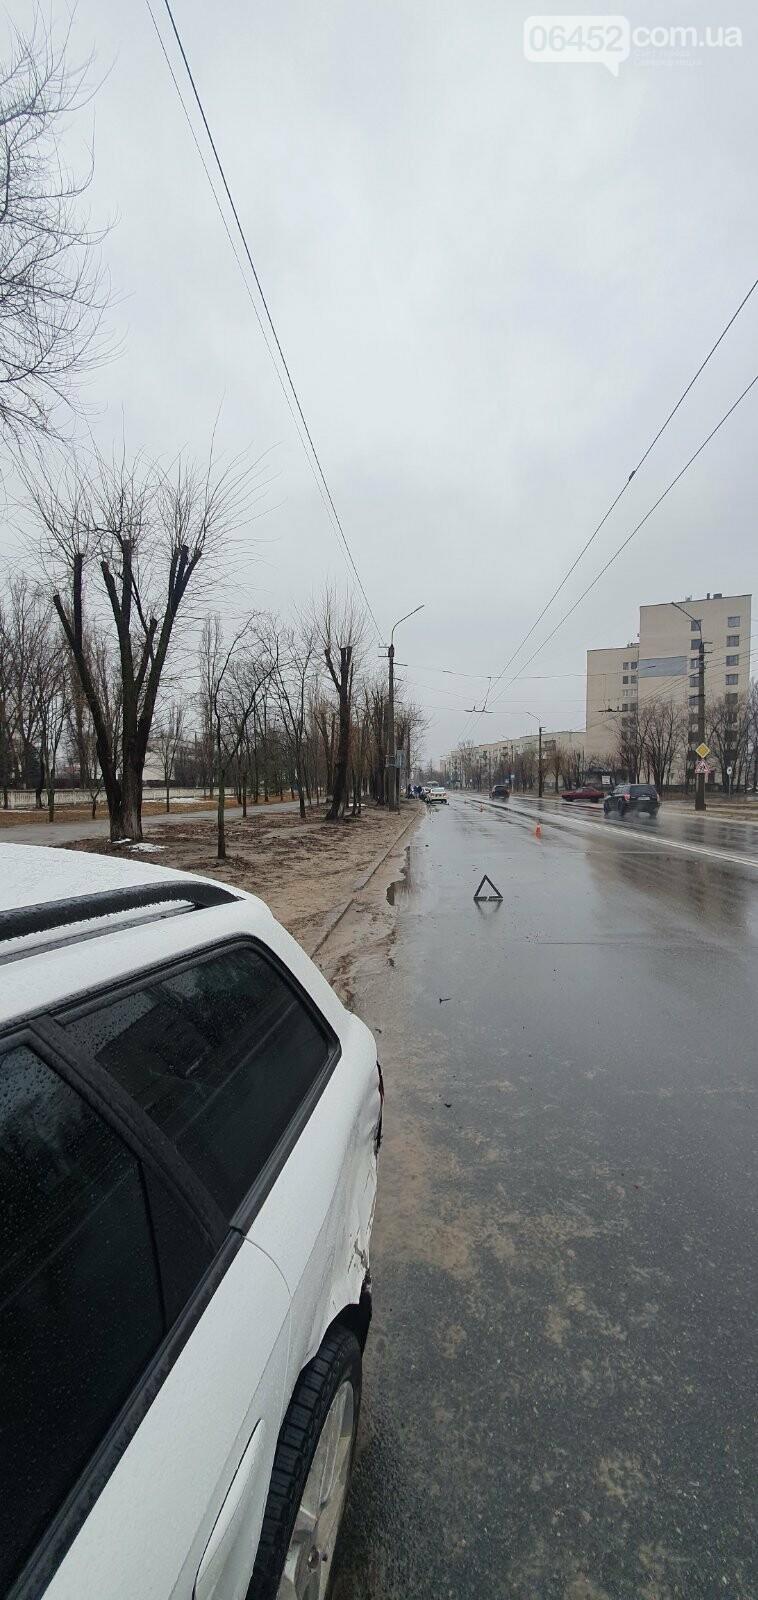 В Северодонецке из-за превышения скорости произошло ДТП (фото) , фото-1